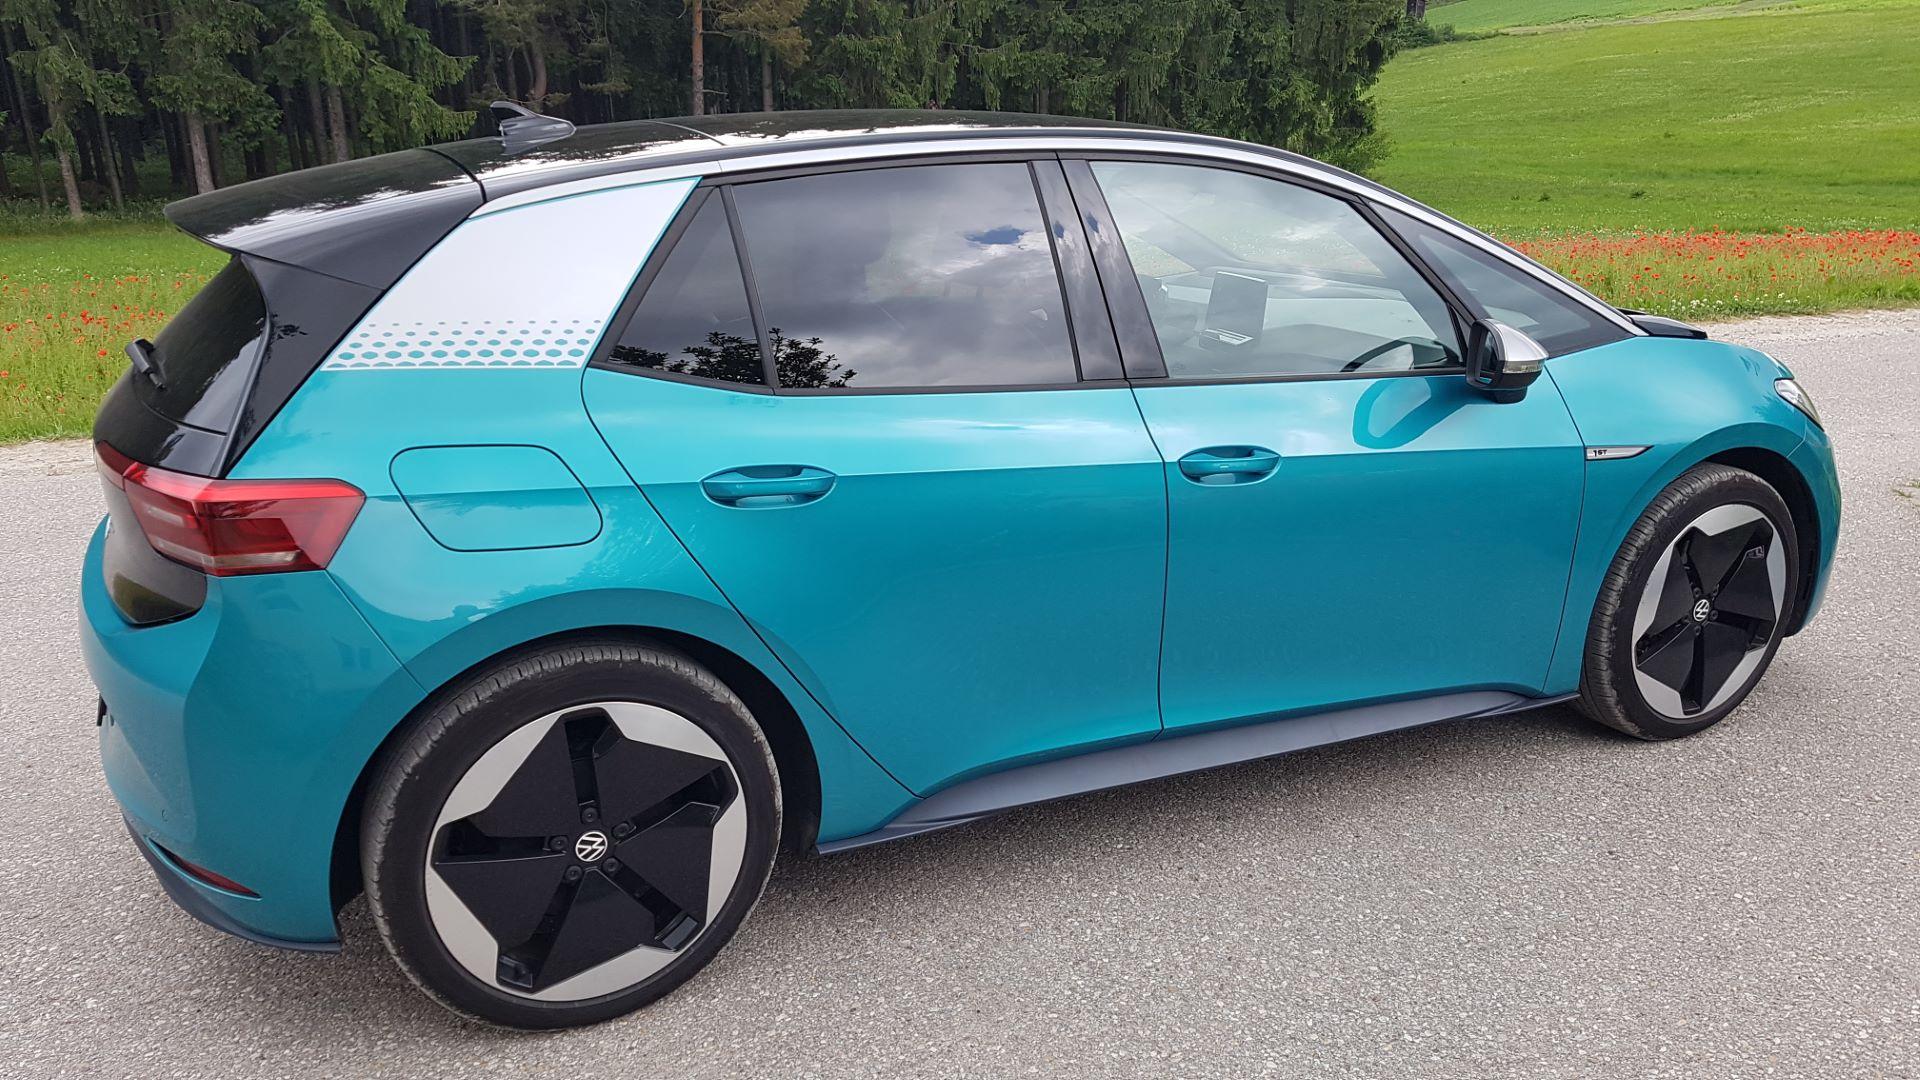 Volkswagen ID.3 - Praxistest | 20210624 160816 Seitlich min